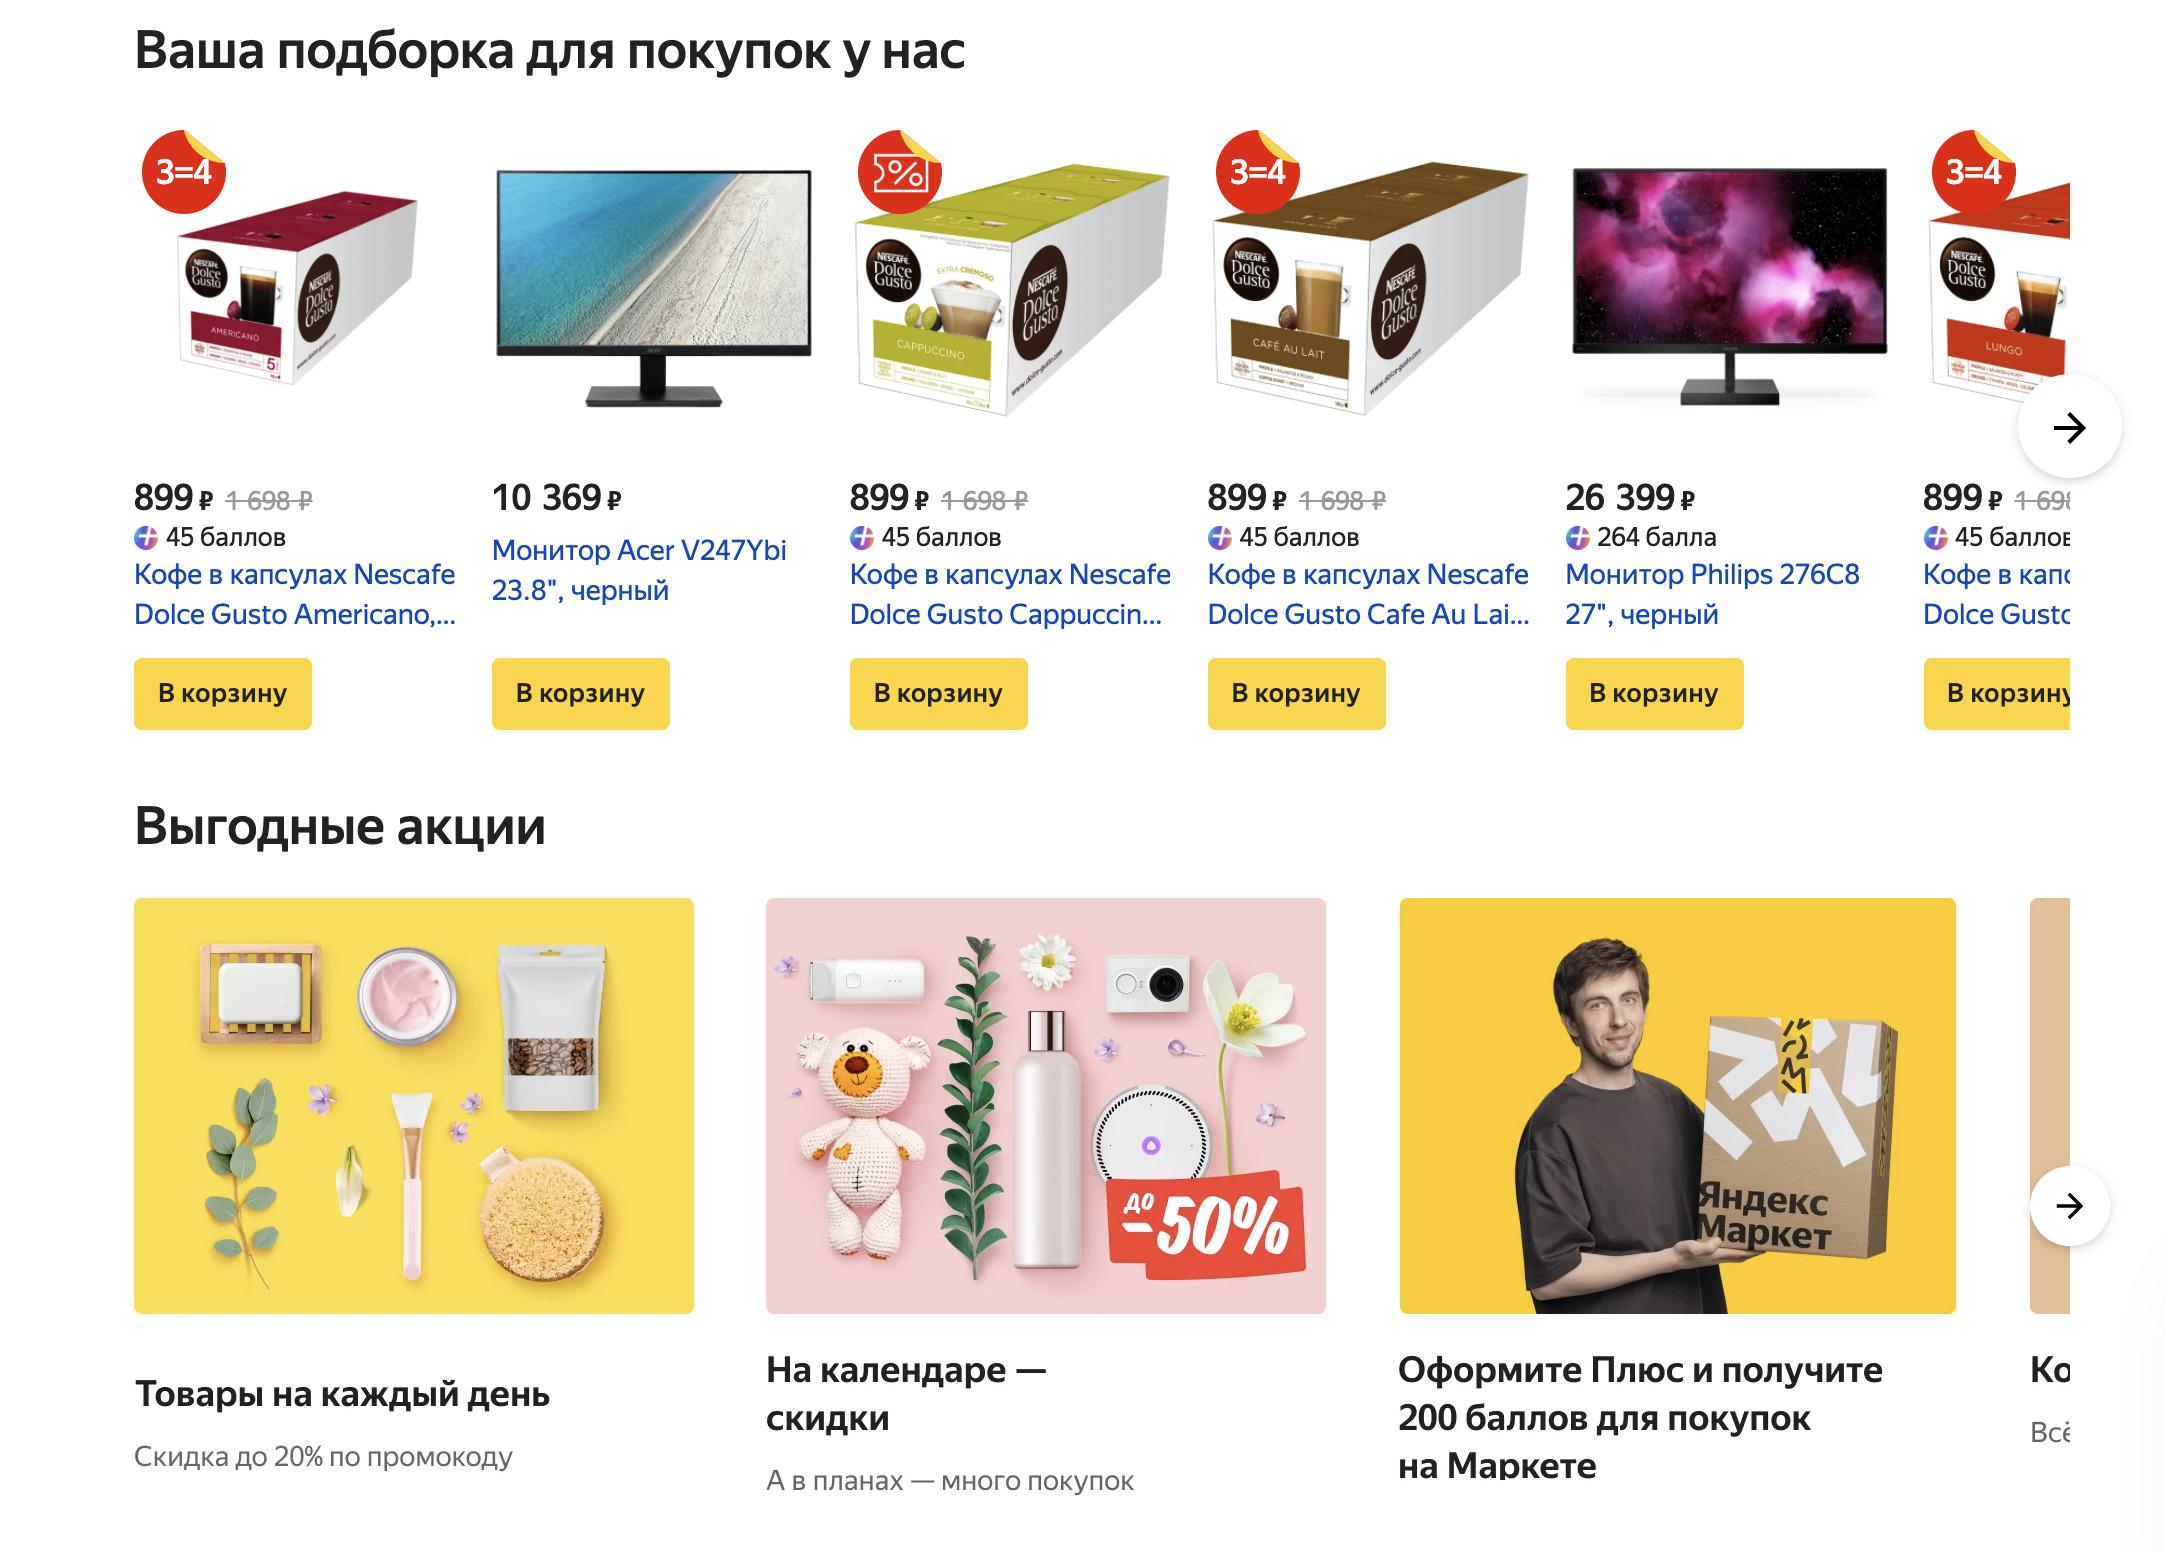 Доставка из Яндекс.Маркет в Вологодскую область, сроки, пункты выдачи, каталог